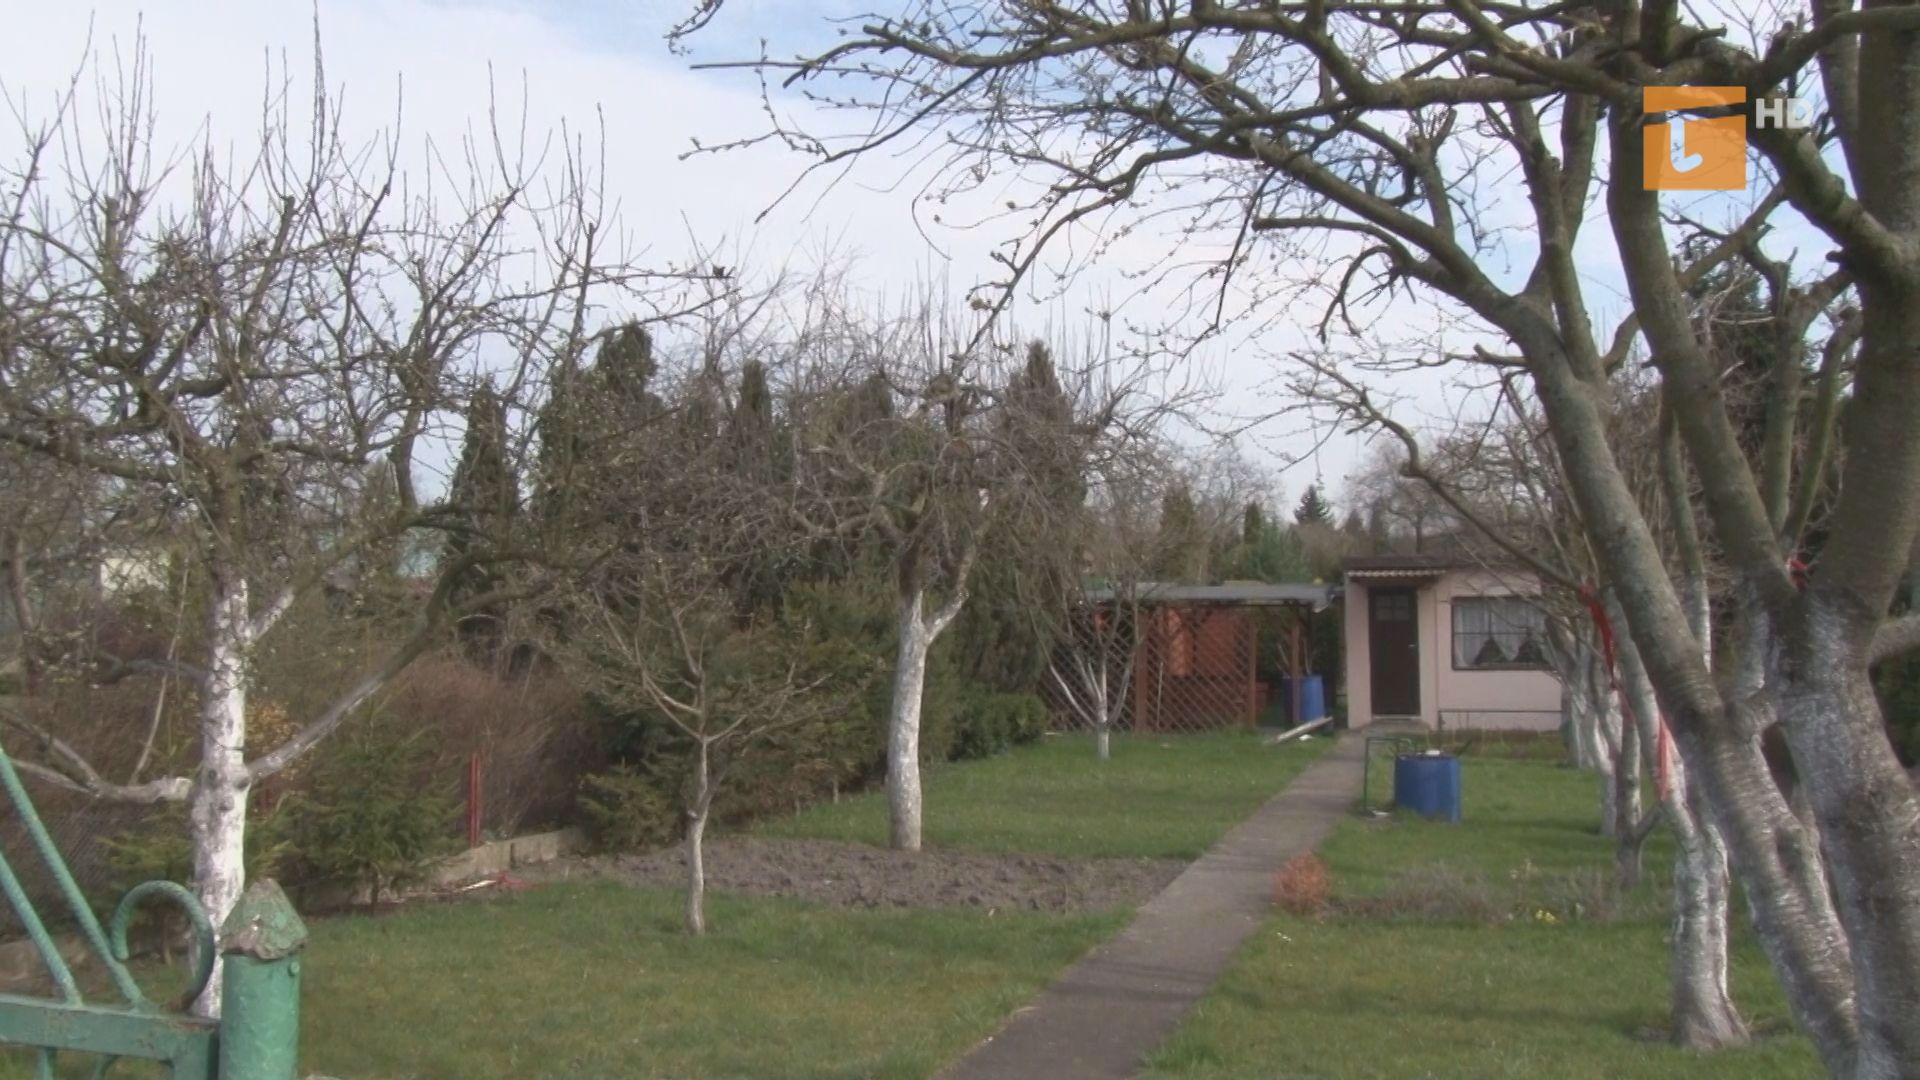 Rodzinne ogrody działkowe są dostępne dla nielicznych mieszkańców Tczewa